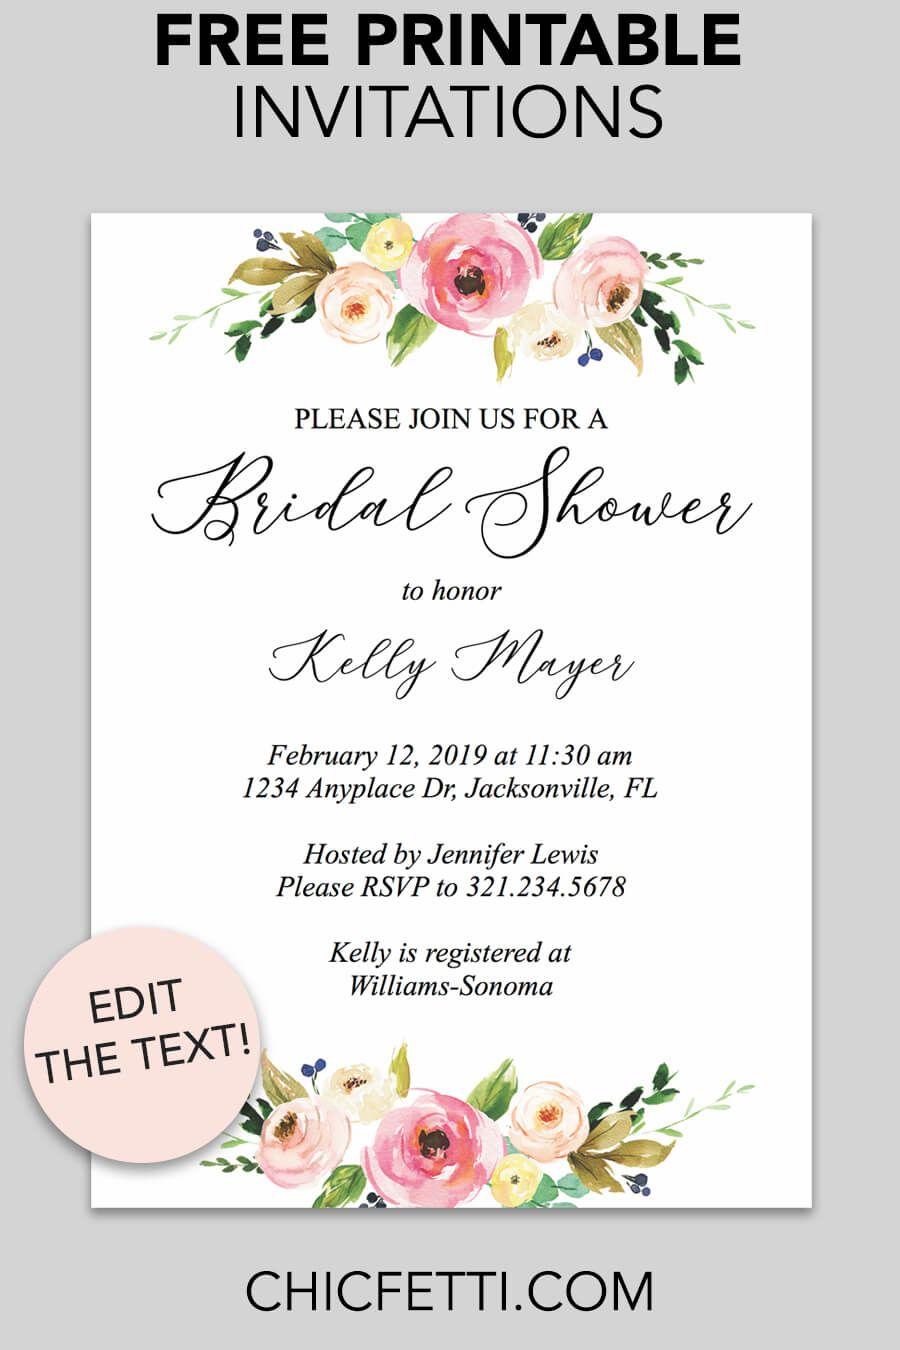 Floral Printable Invitation Free Printable Invitations Free